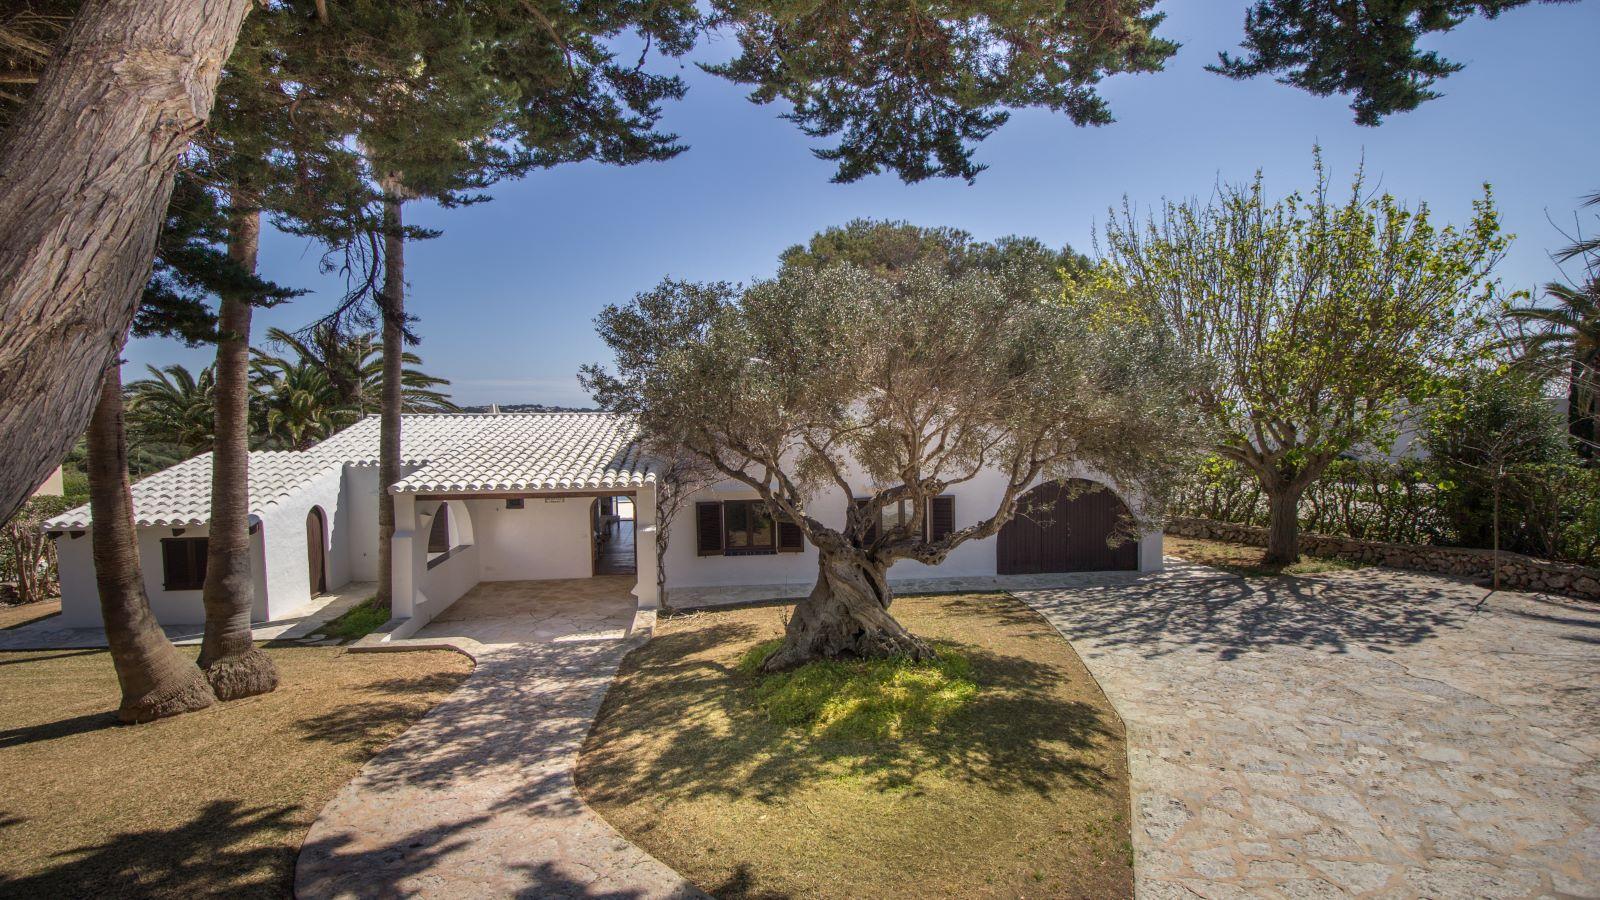 Villa in Cap d'en Font Ref: S2705 4